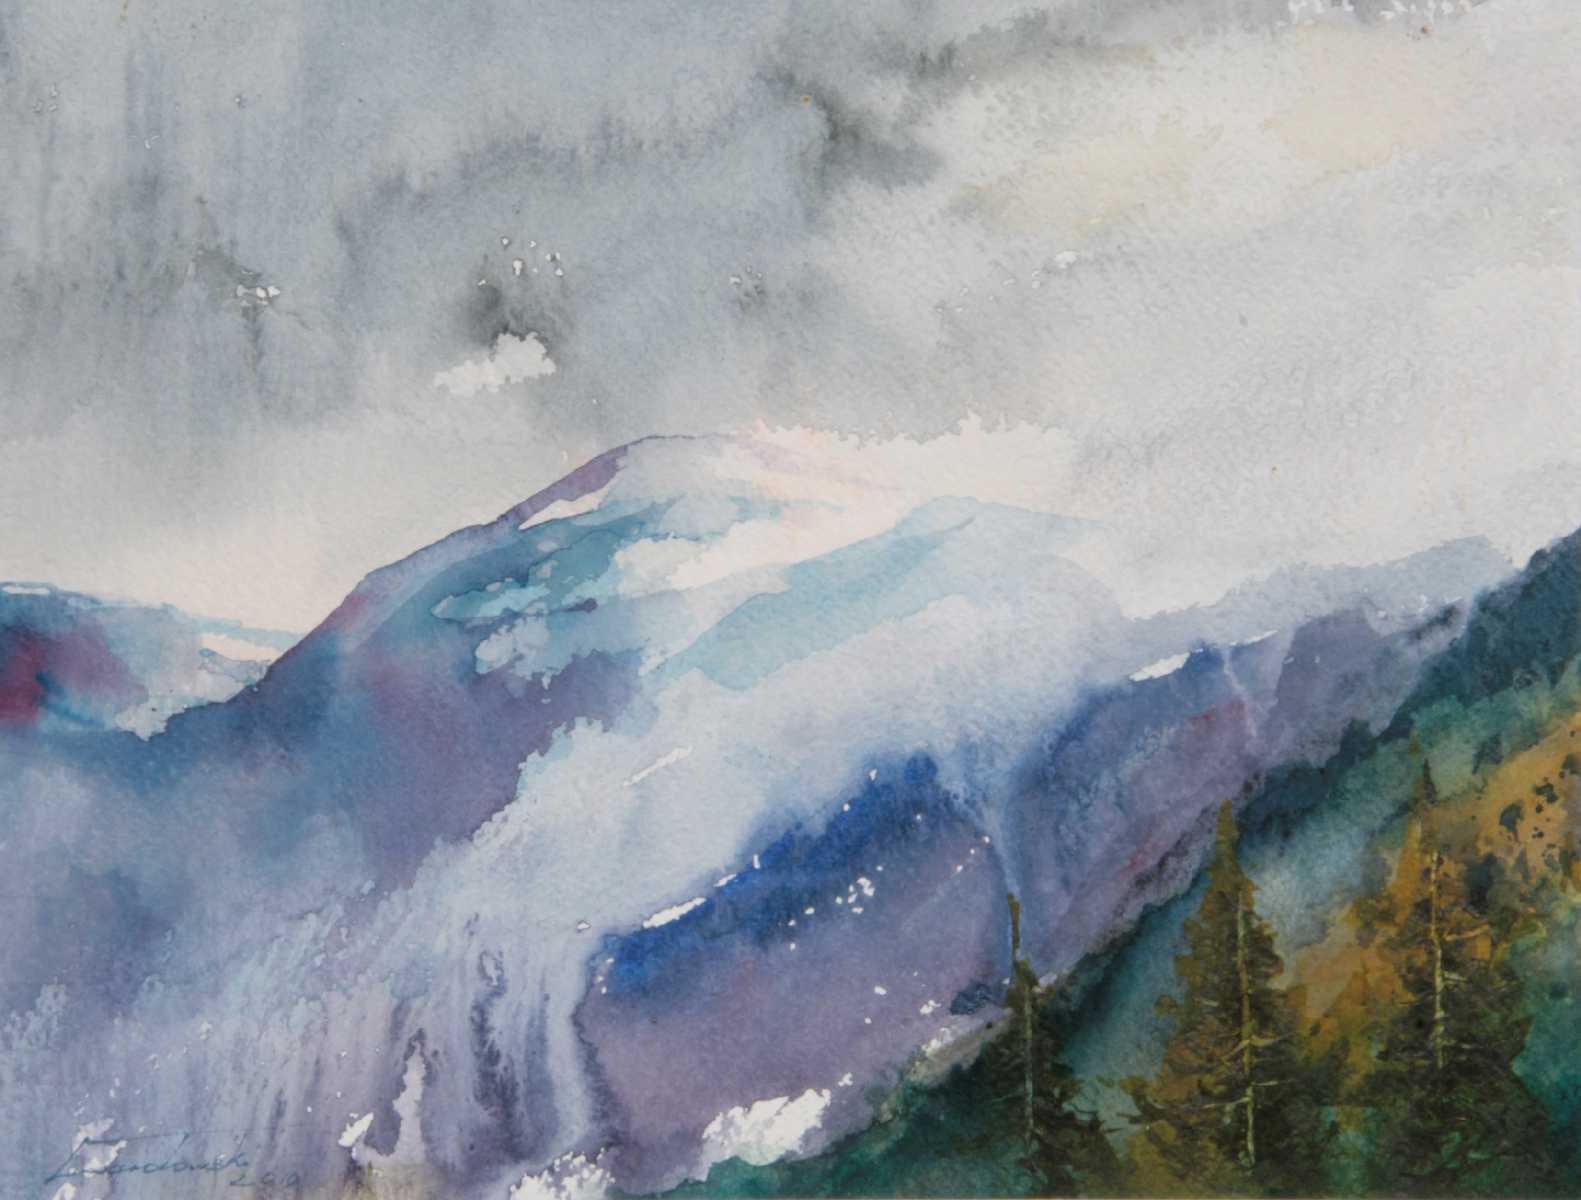 Burza w górach, 34x26 cm. Kazimierz Twardowski